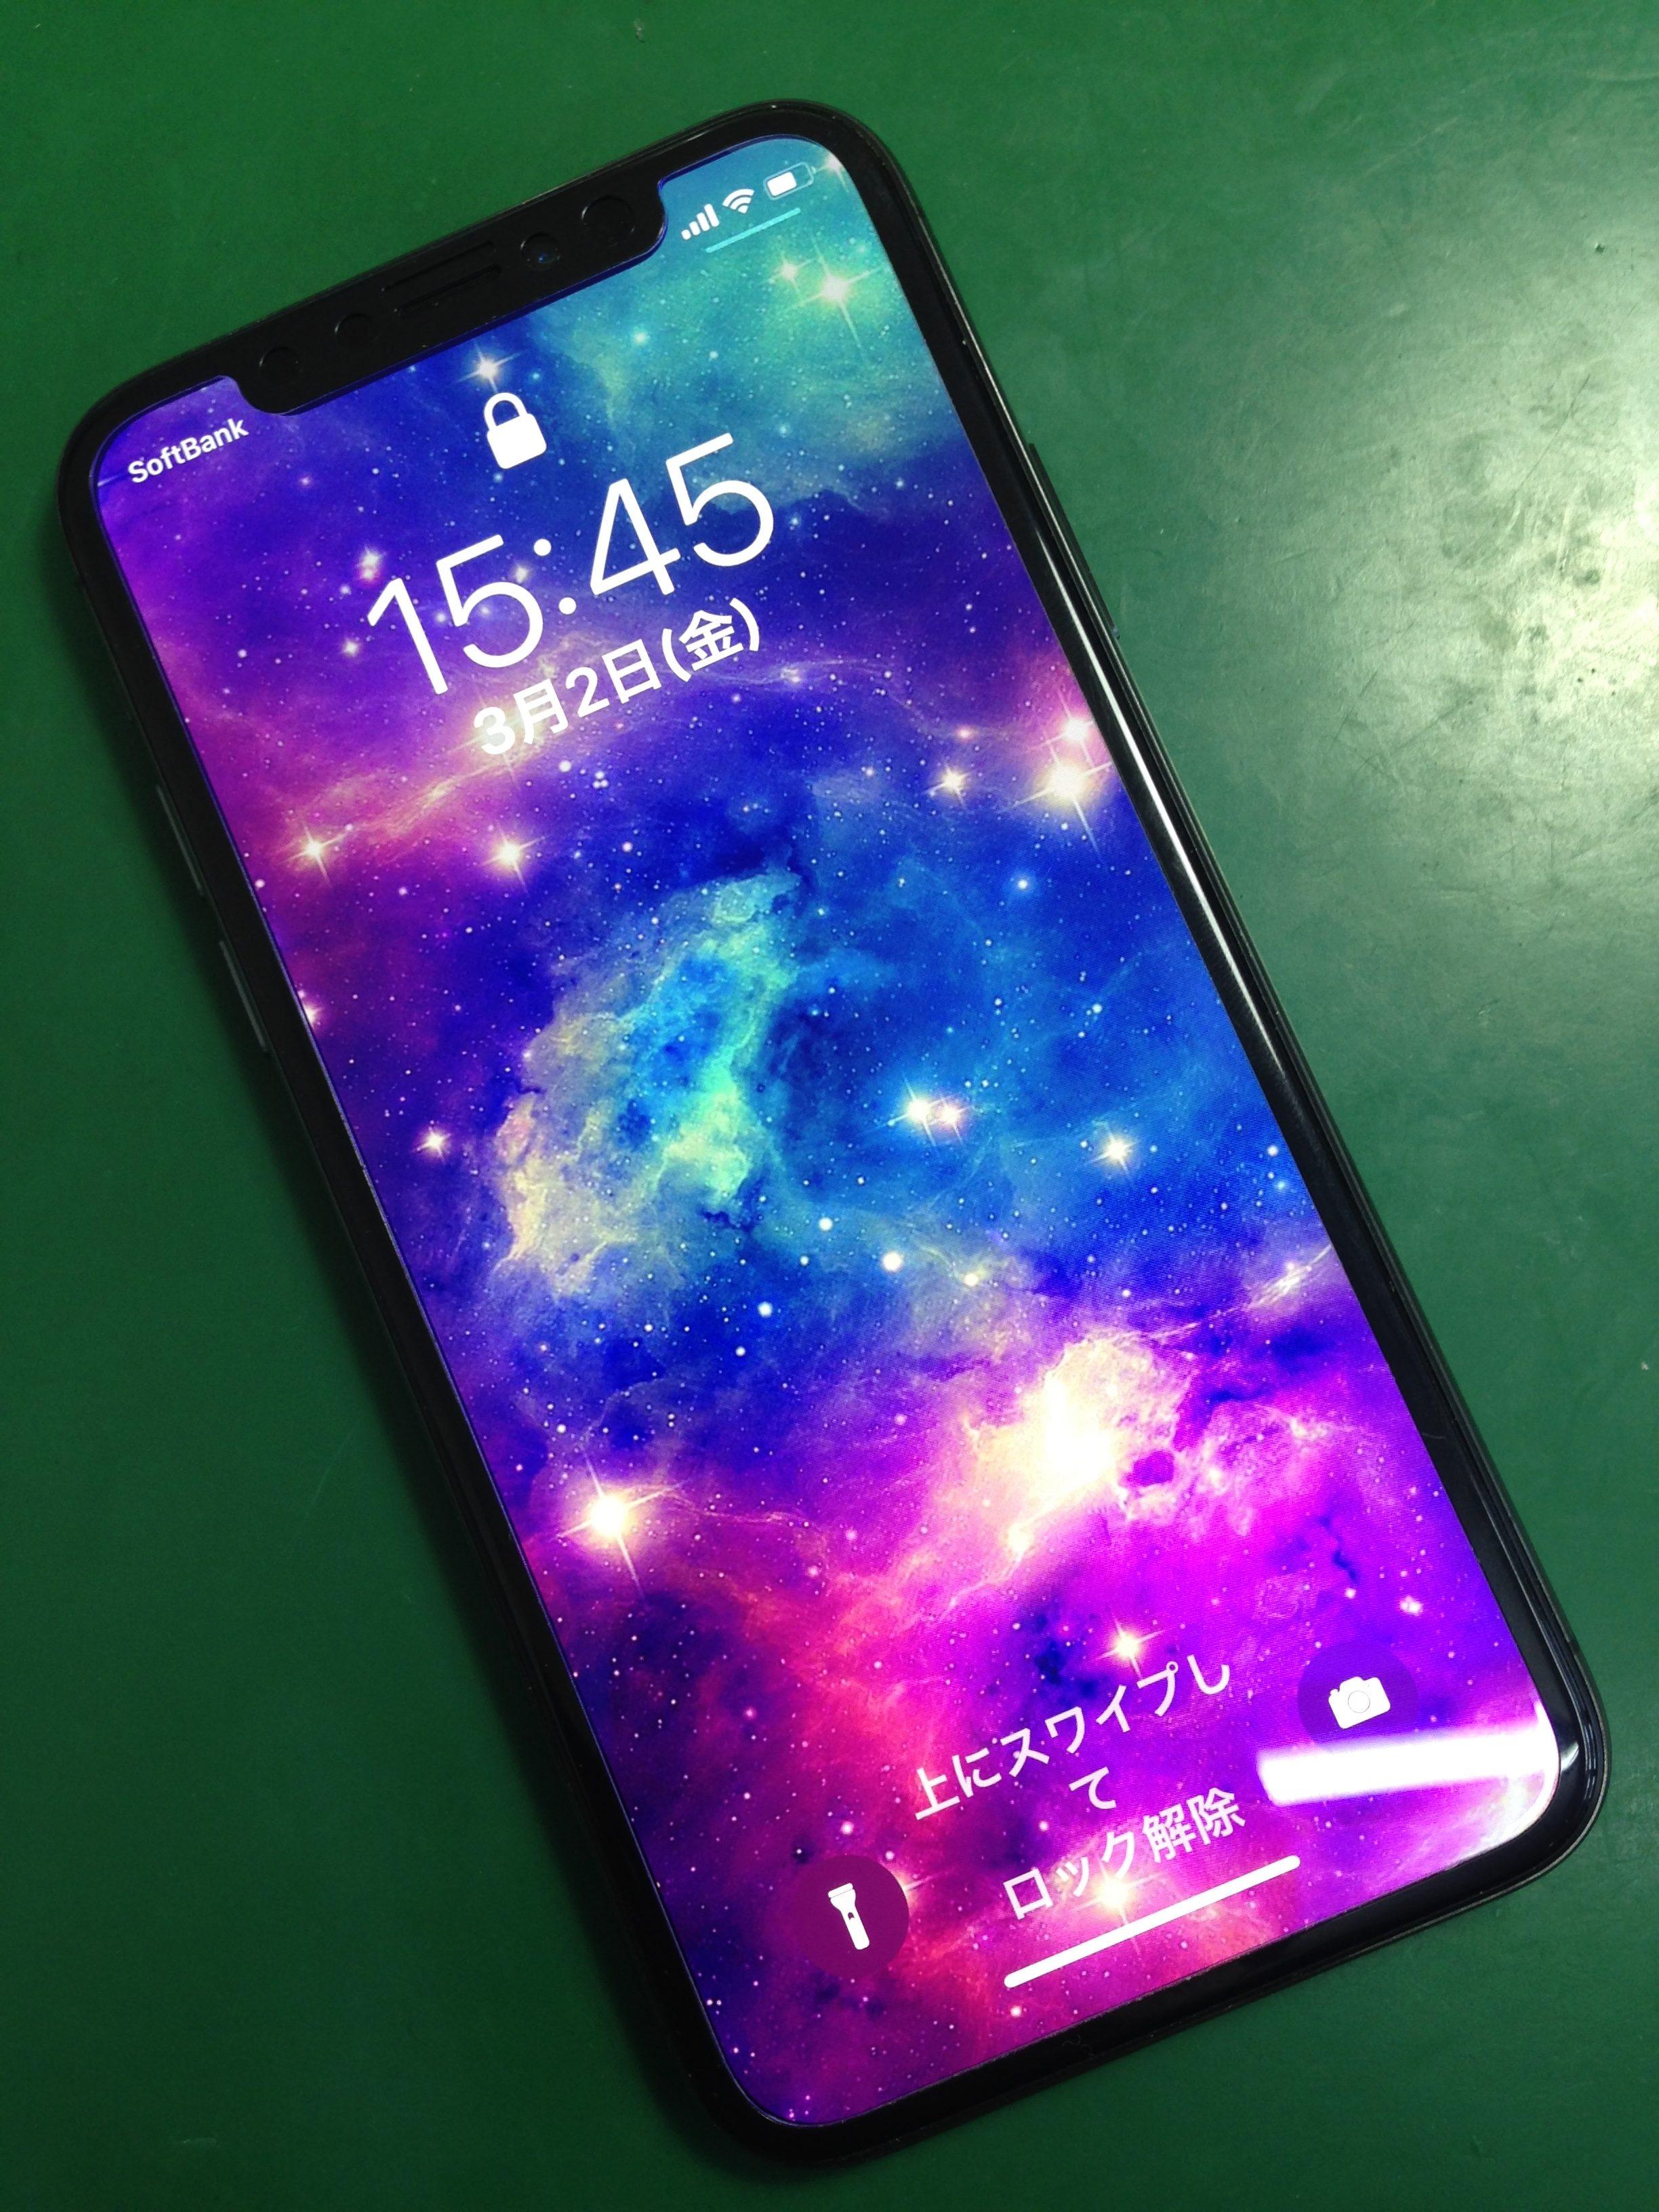 綺麗な壁紙が画面修理でさらに綺麗に Iphone修理 遠賀 水巻店